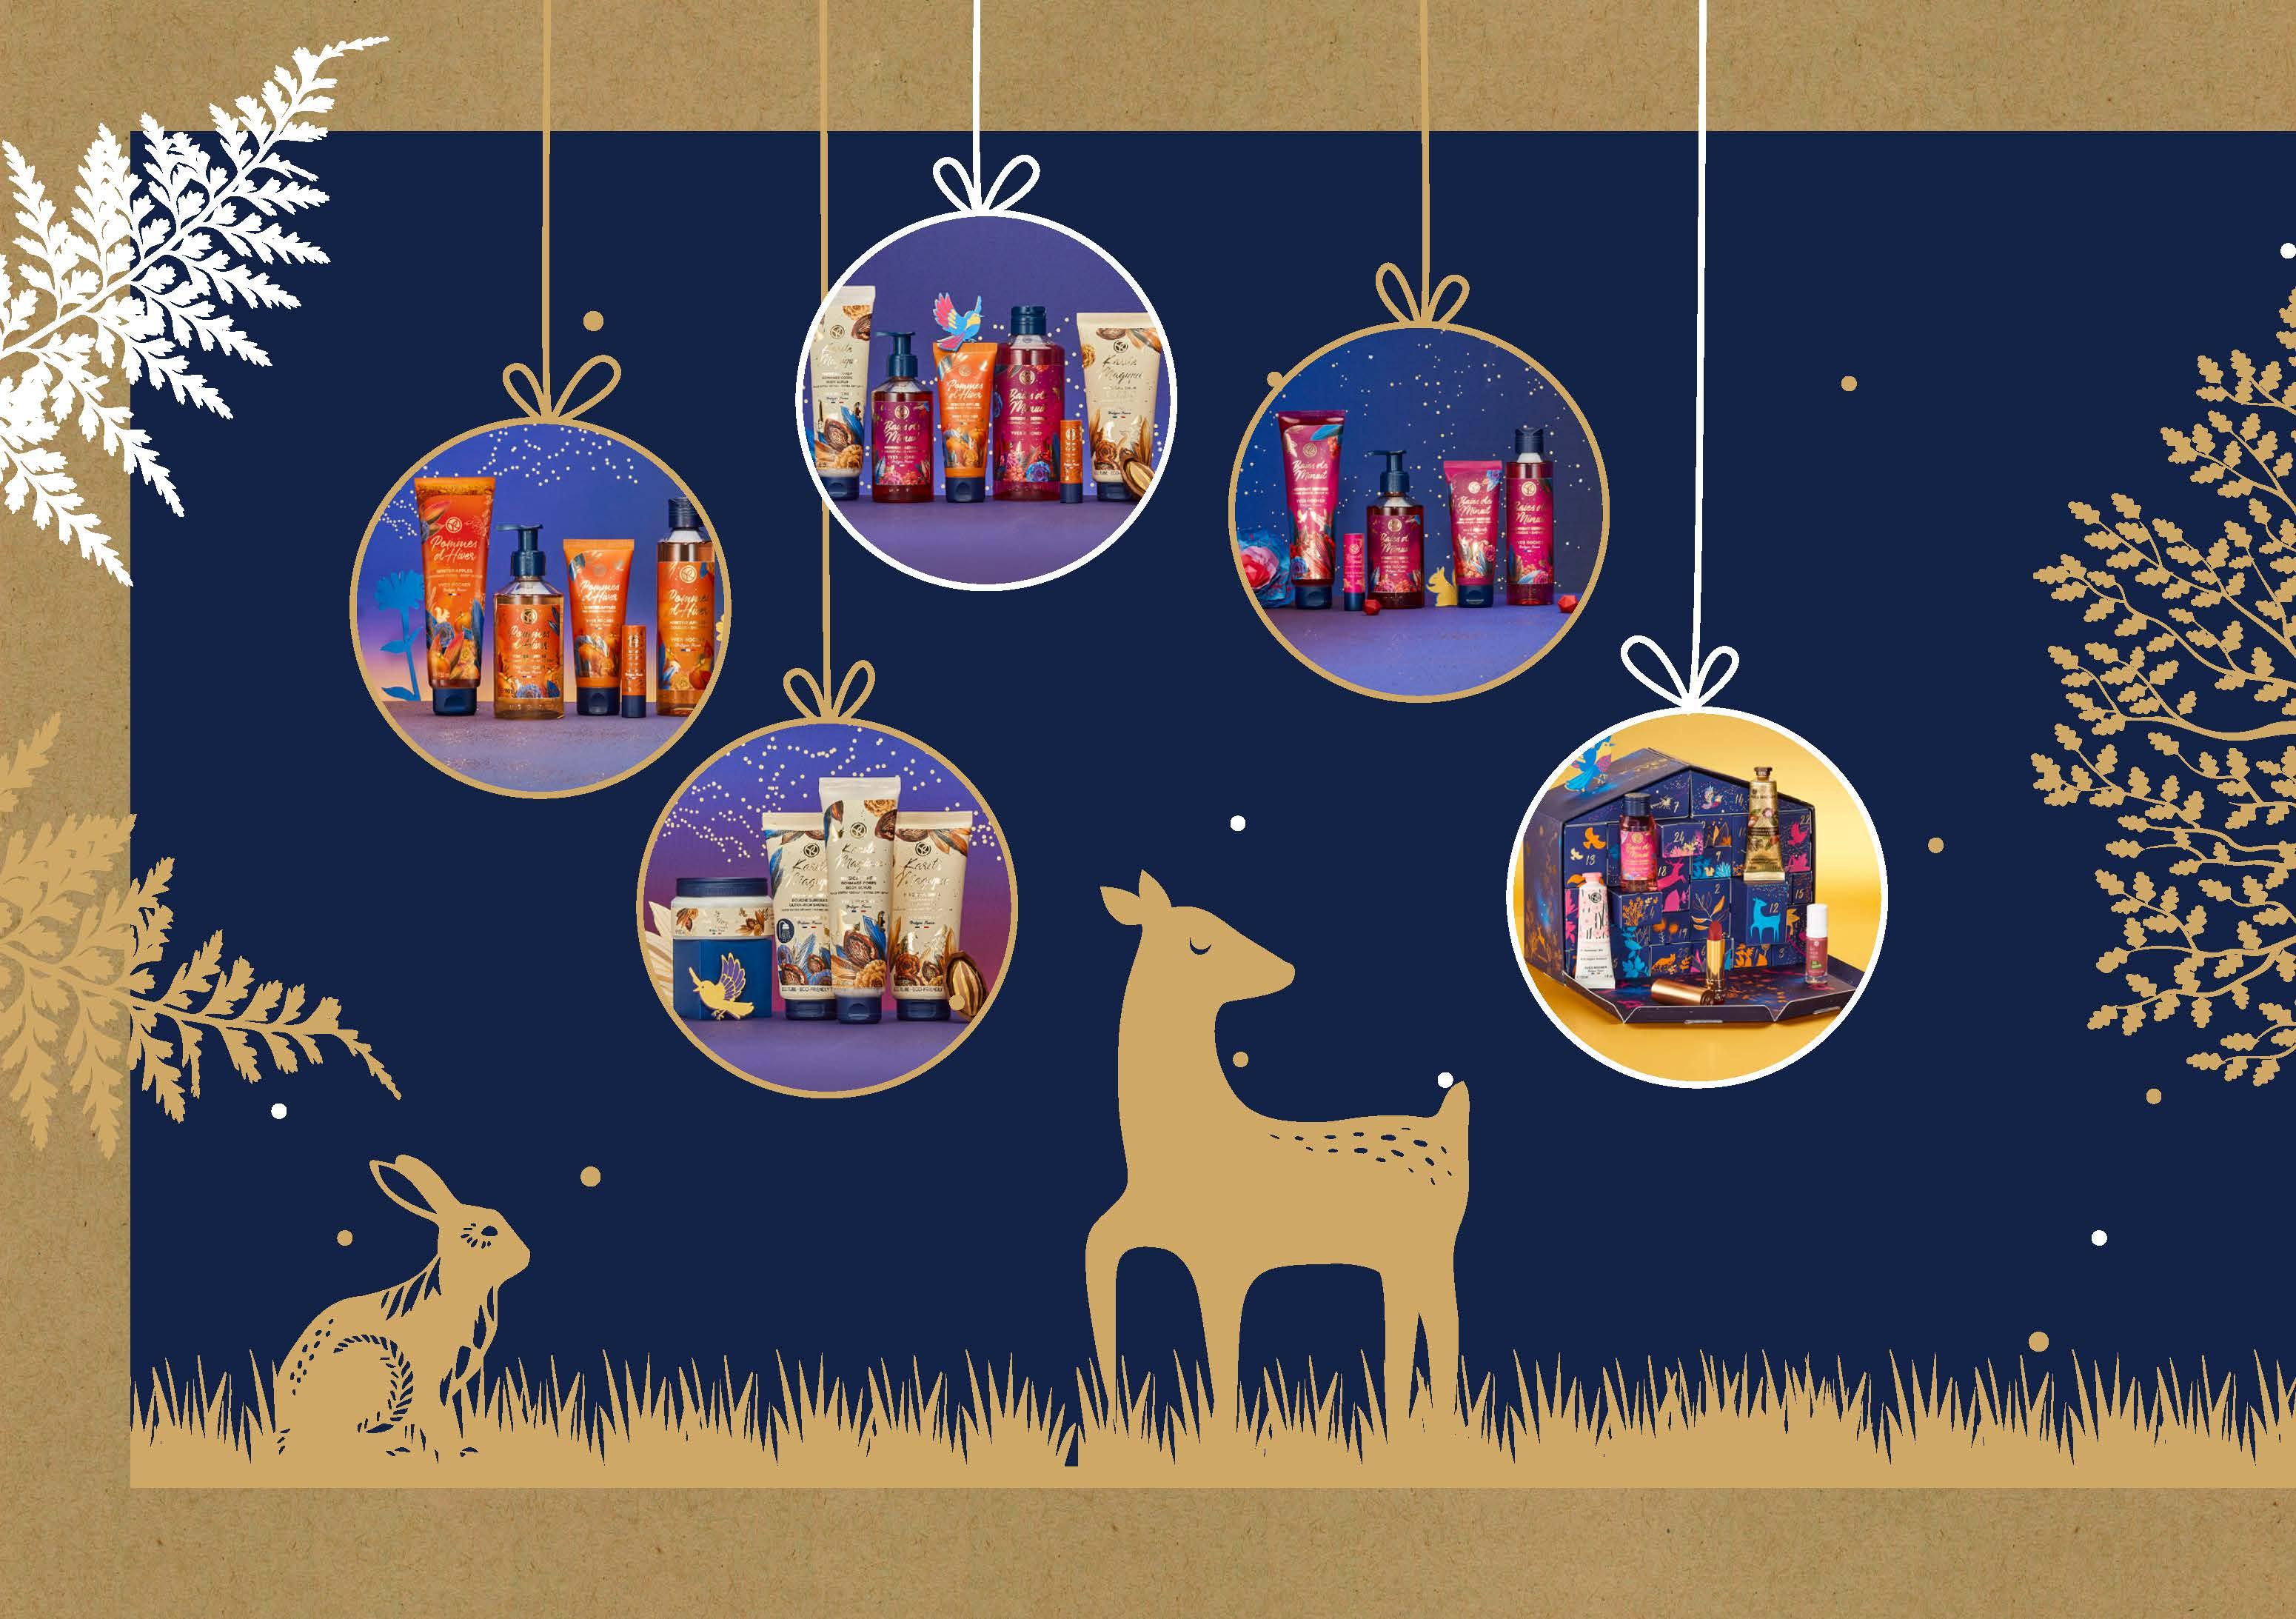 Yves Rocher Natale 2020 - Cofanetti, idee regalo, calendario avvento - Info recensione opinioni prezzo dove acquistare